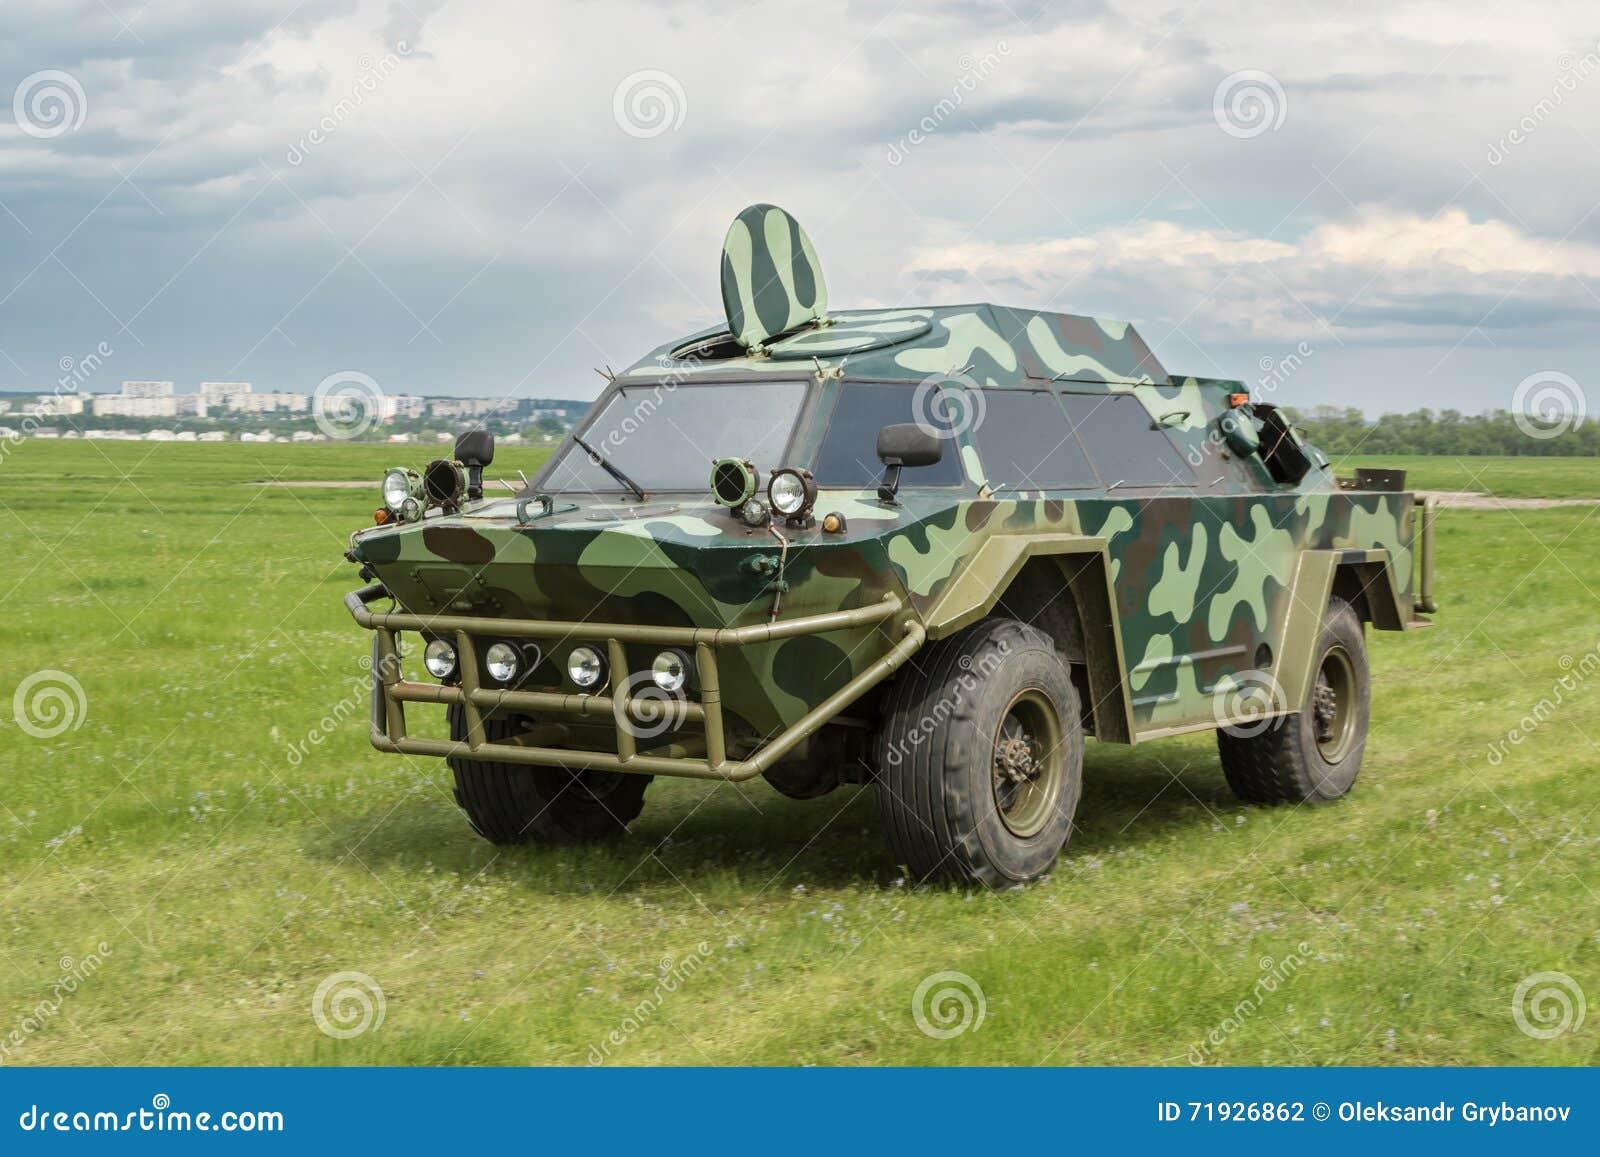 Armored военное транспортное средство